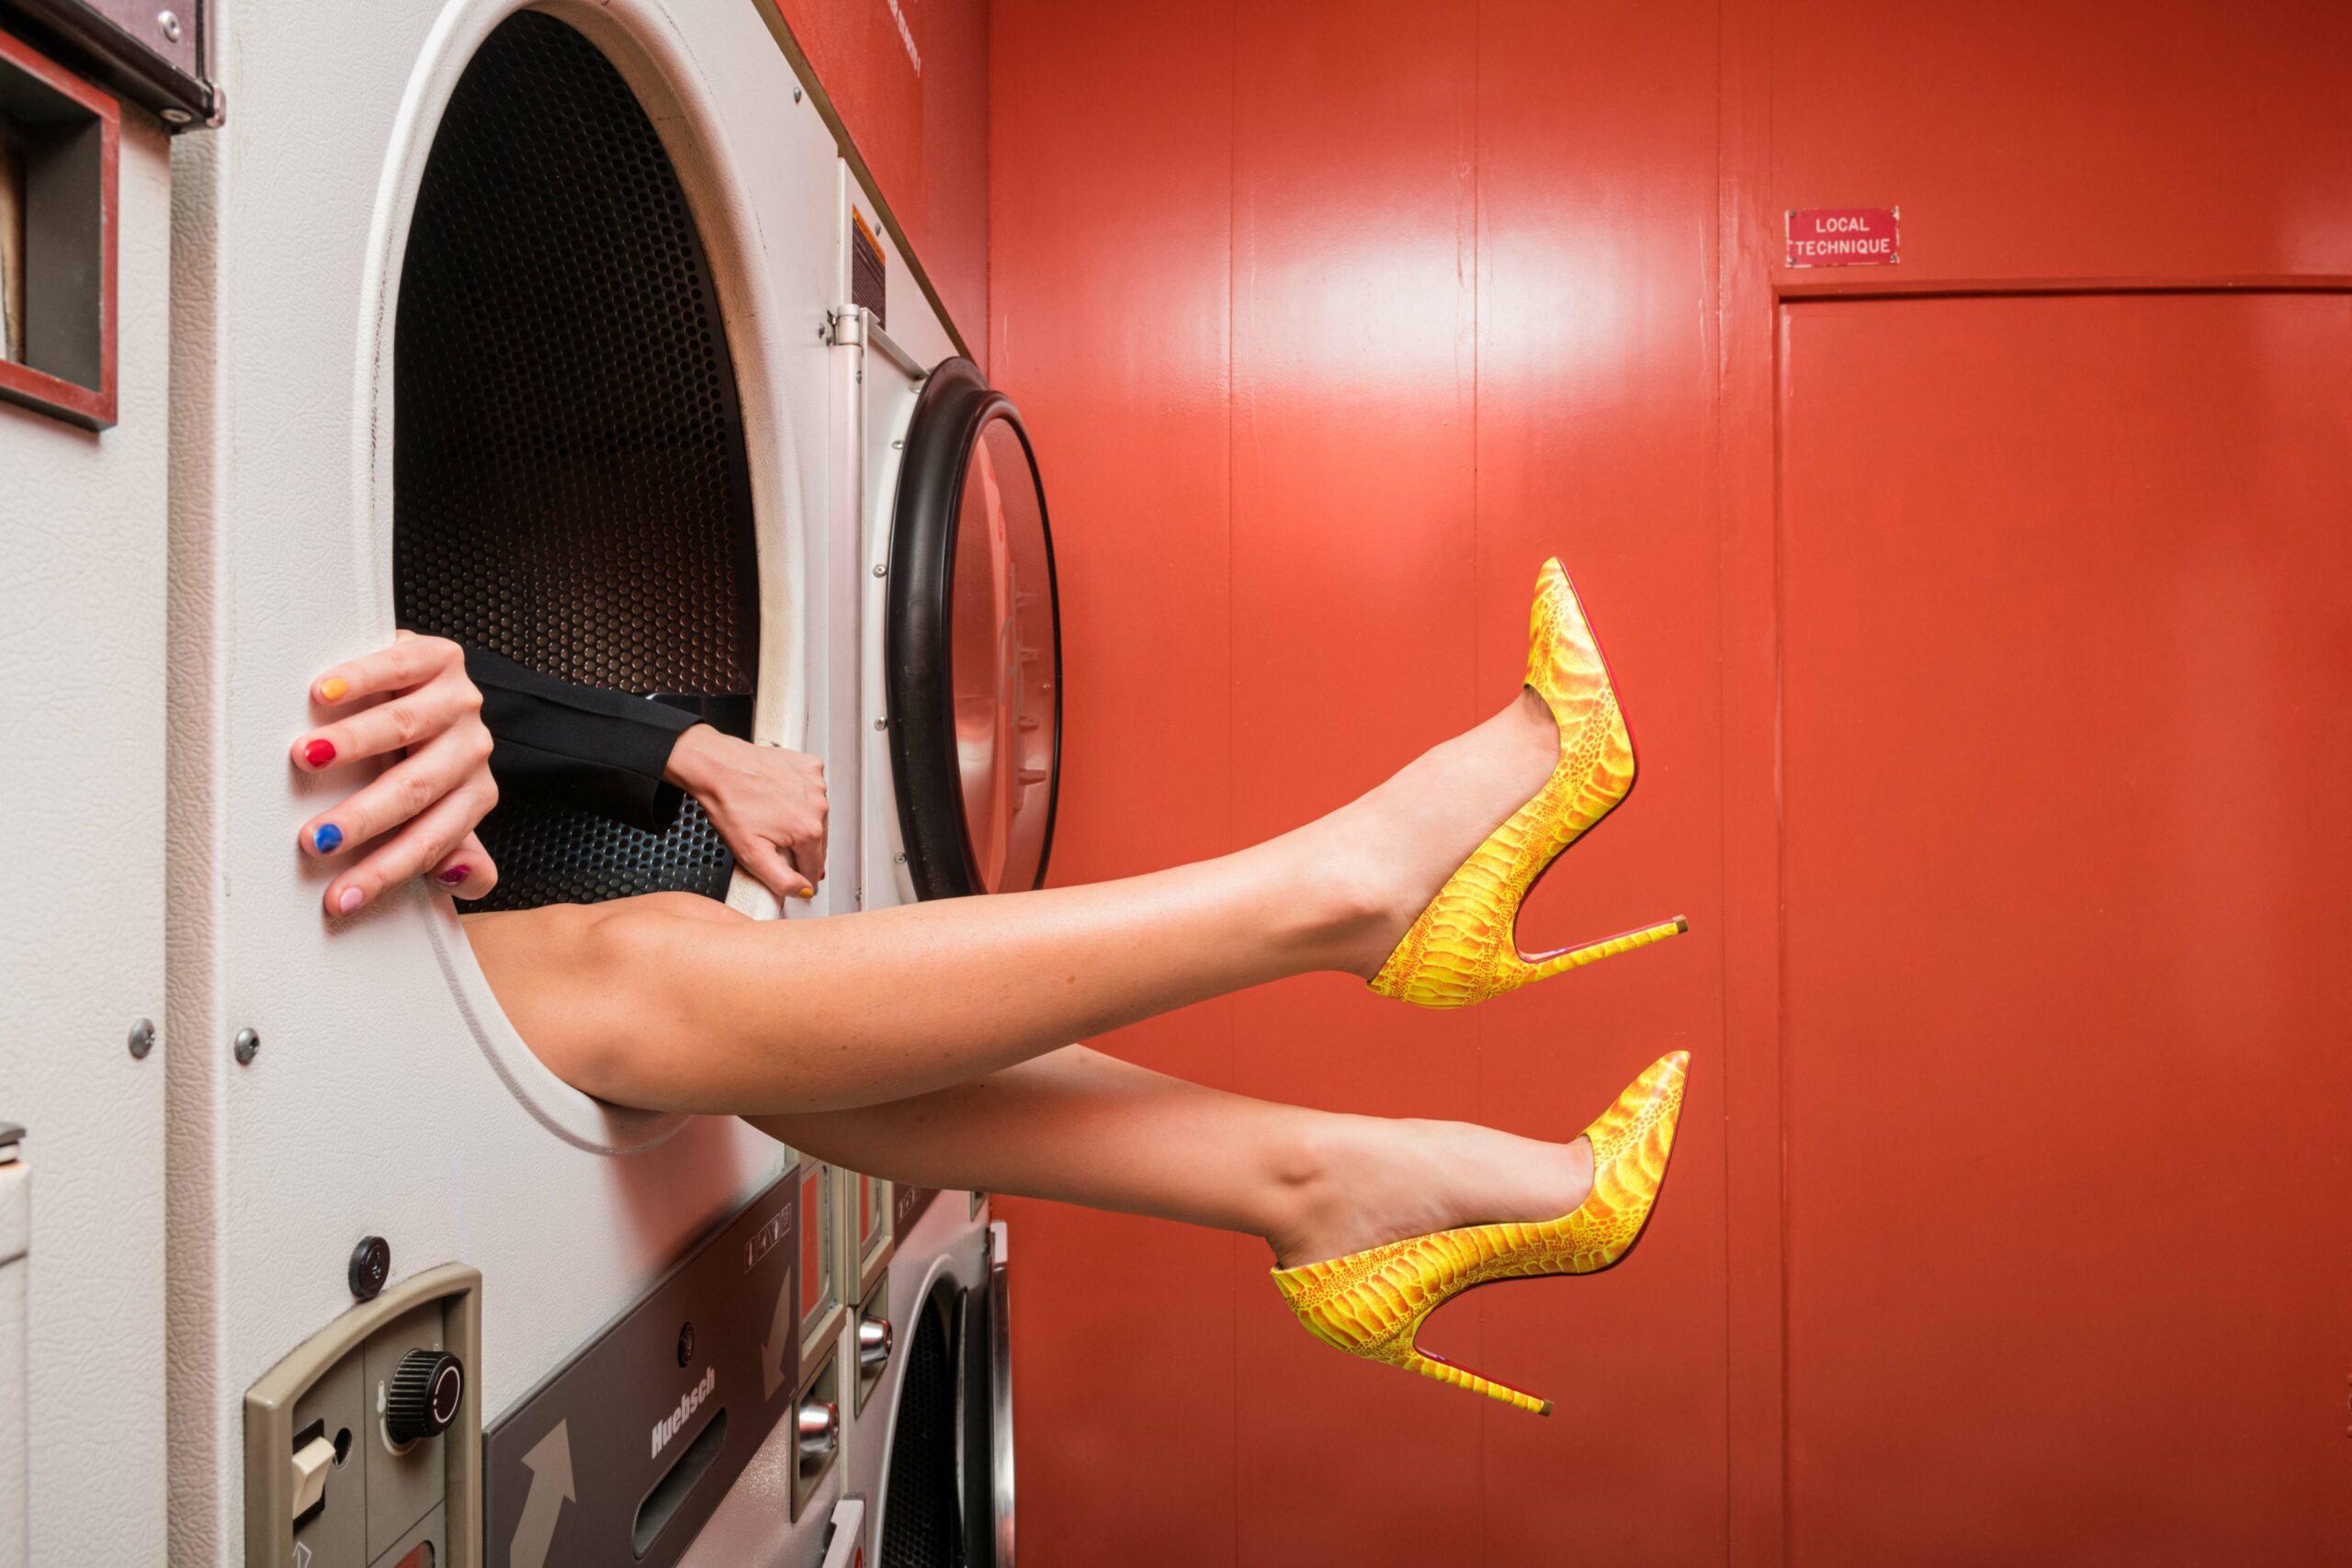 Femme dans la machine à laver d'une laverie parisienne